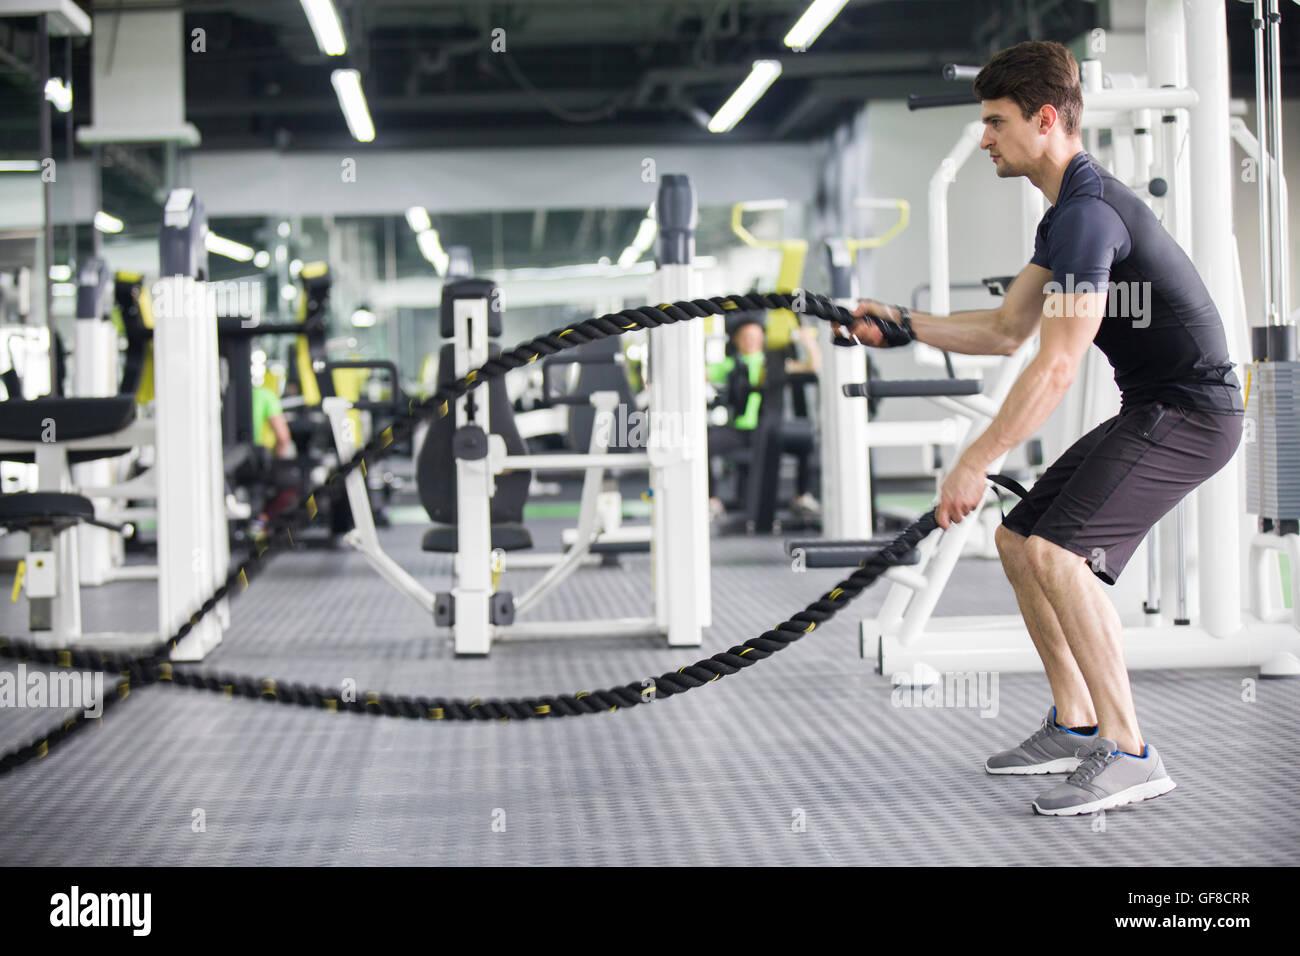 Joven ejerciendo con luchando contra la soga a gimnasio Foto de stock